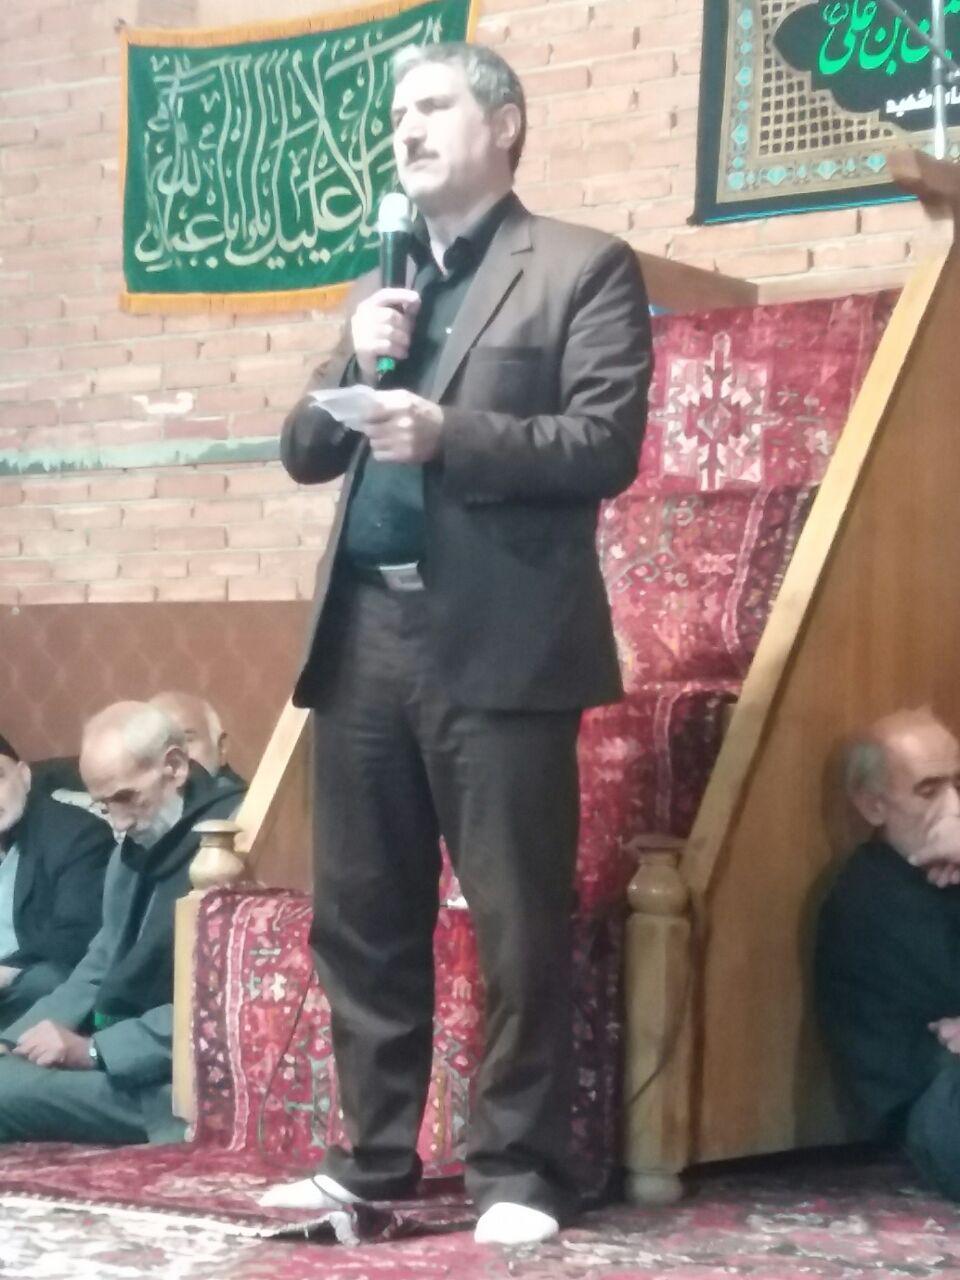 دکتر اکبر عبدی قاضی جهانی در کارگاه آموزشی ترویجی بهینه سازی مصرف آب کشاورزی که در مسجد حضرت ولیعصر(عج) قاضی جهان از توابع شهرستان آذرشهر